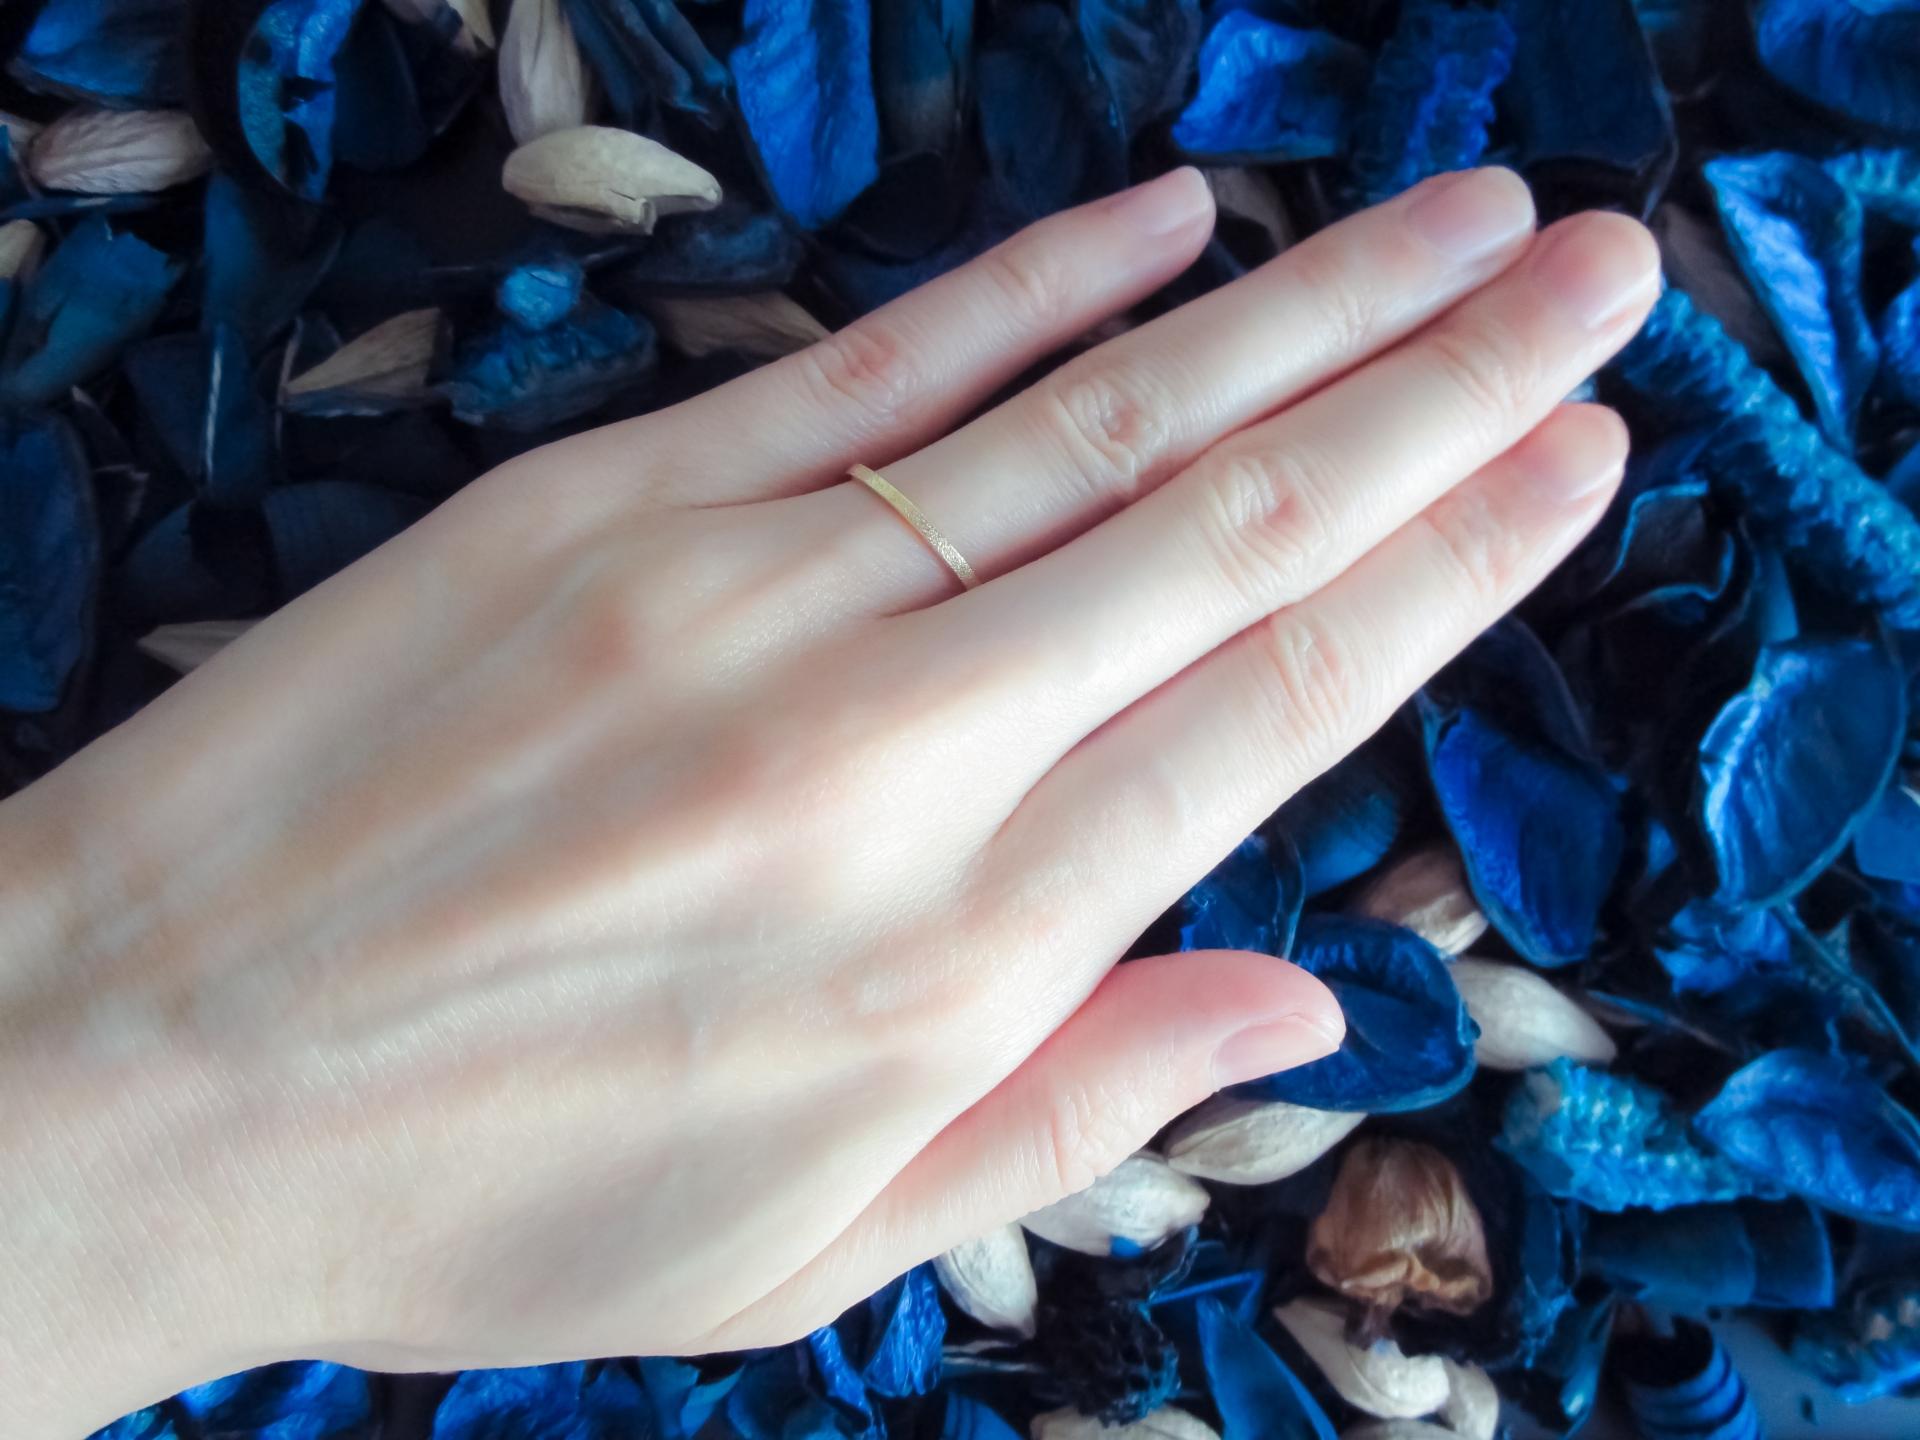 左薬指に指輪を女性がする意味やフリーなのか判断する方法